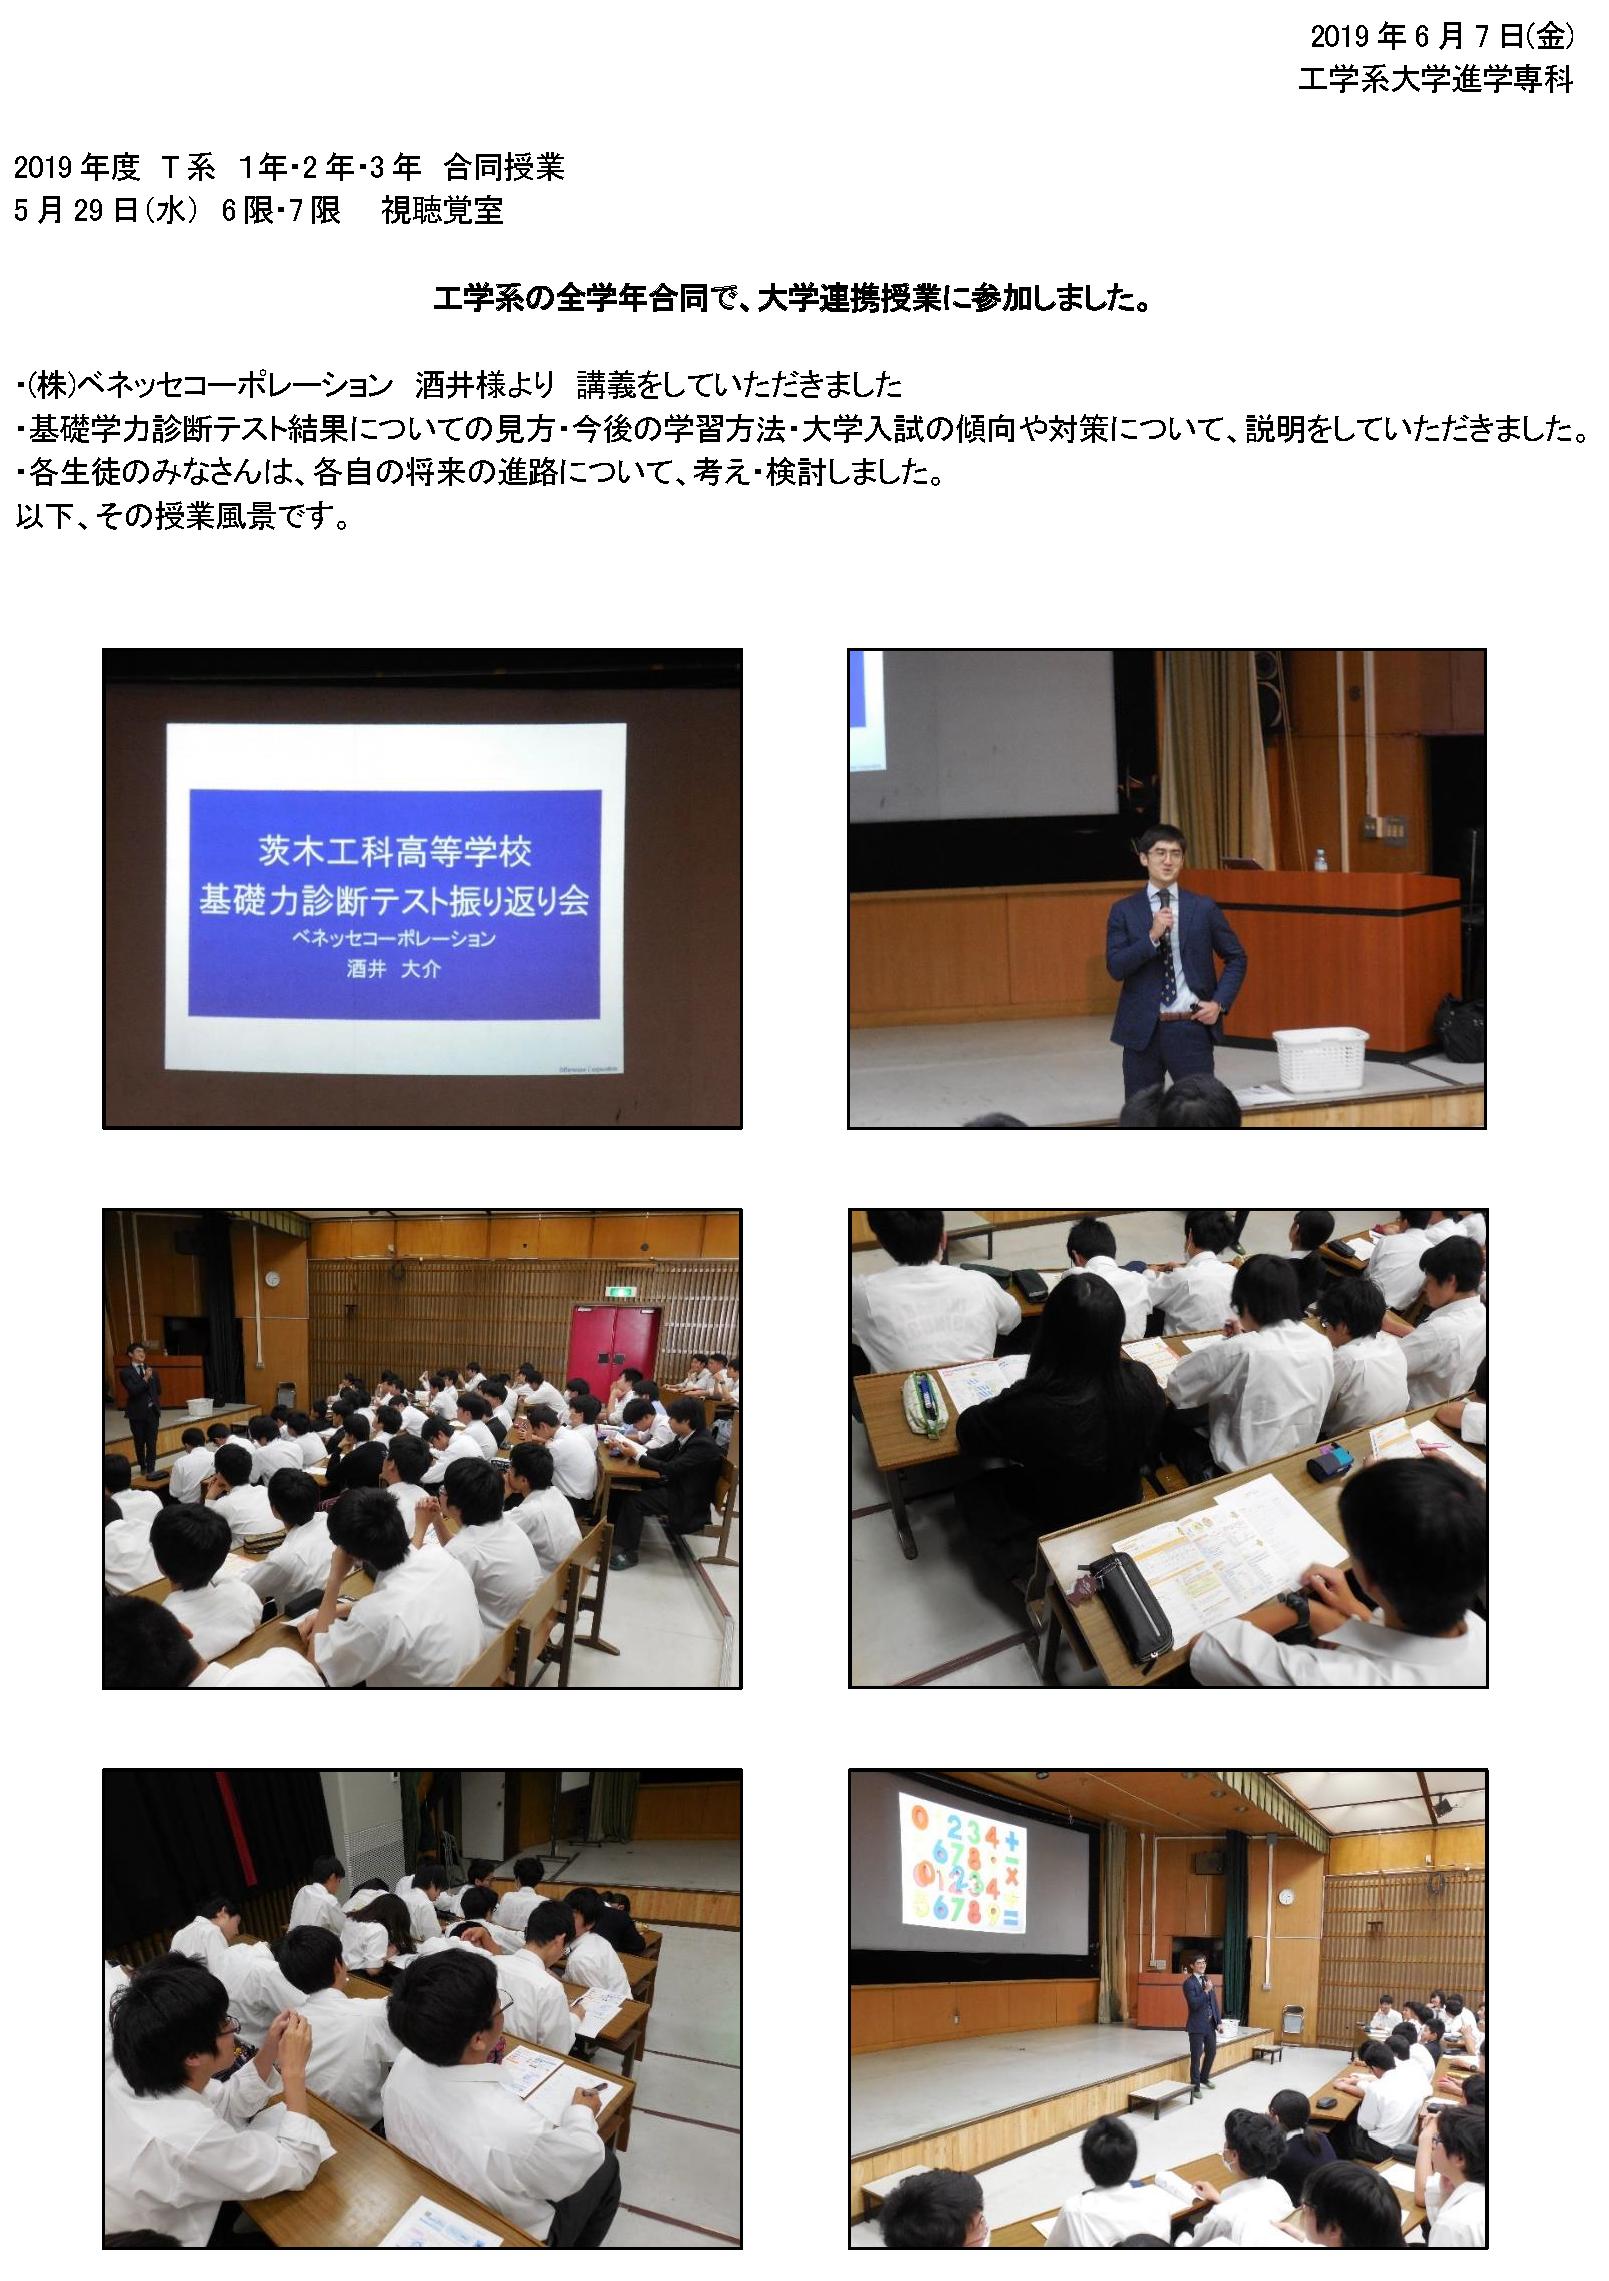 2019工学系高大連携授業